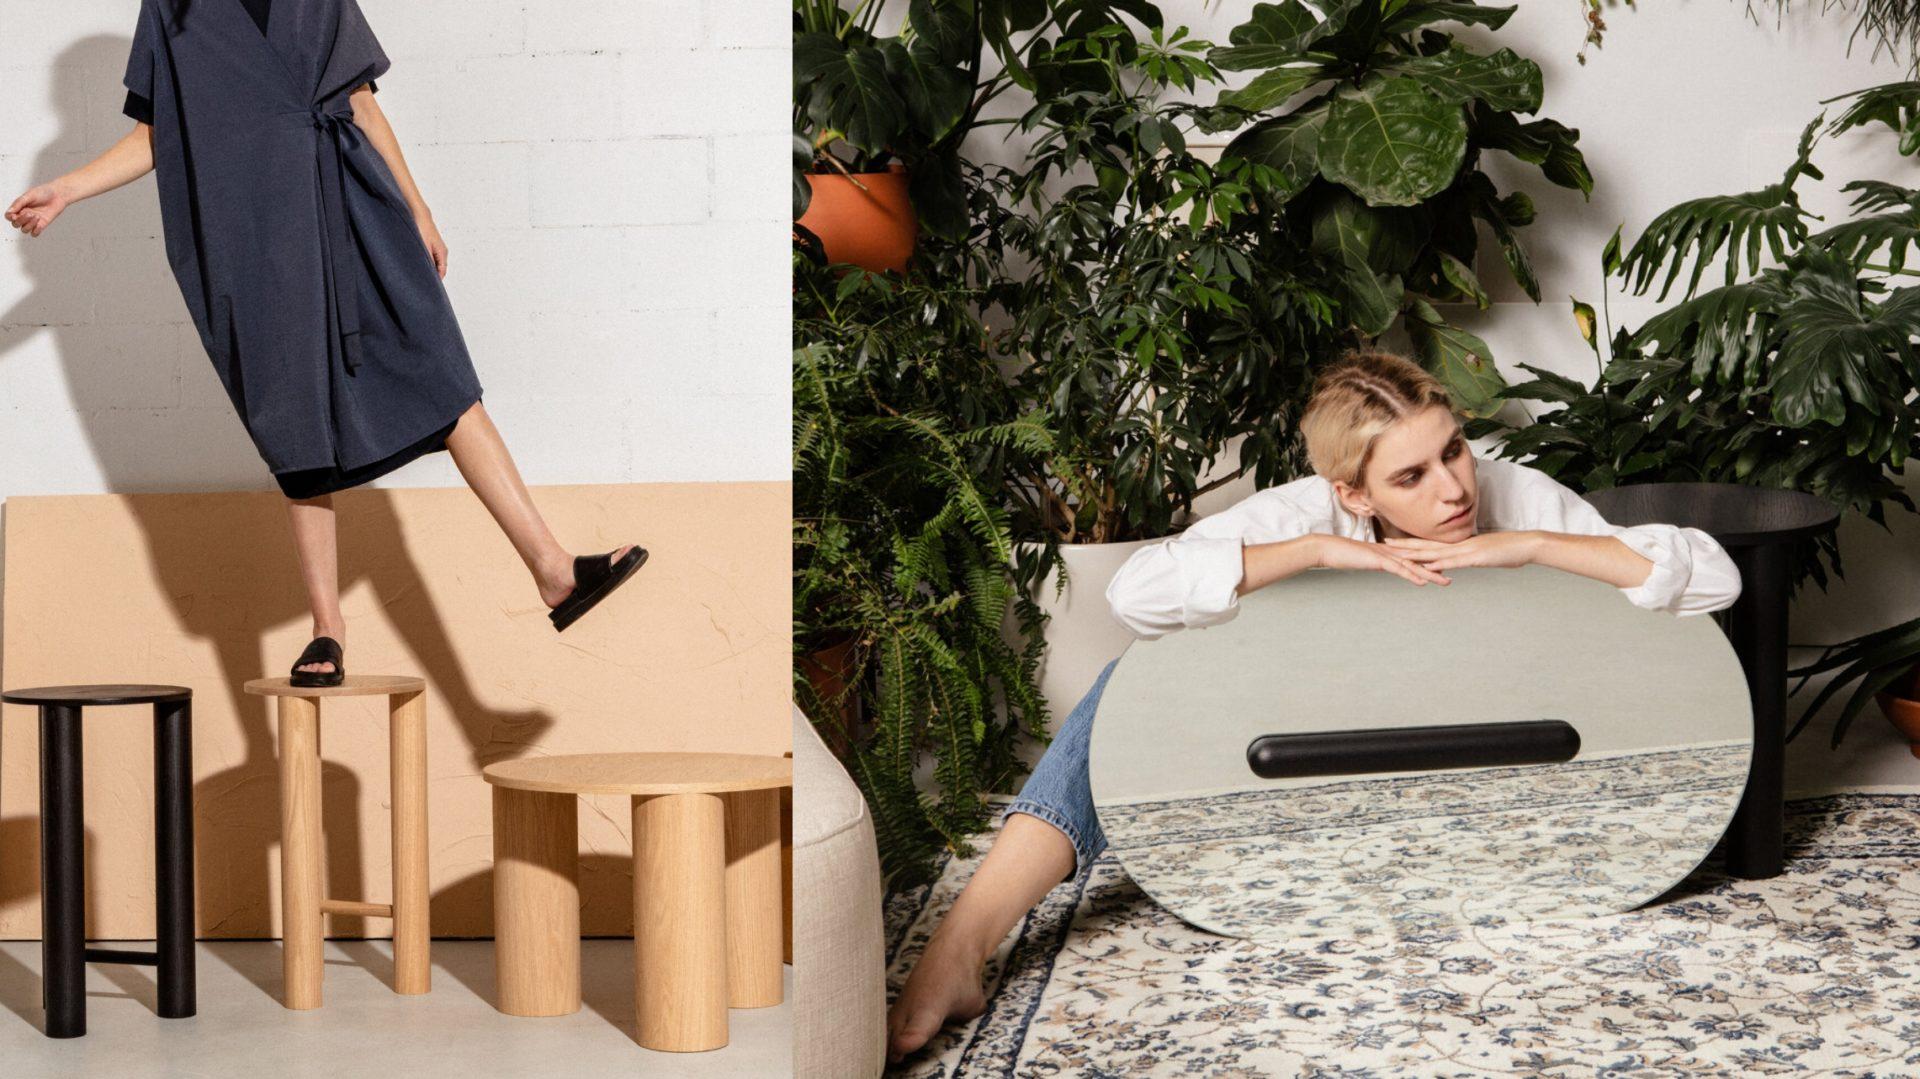 La nouvelle gamme de mobilier de ALLSTUDIO est parfaitement audacieuse! [PHOTOS]